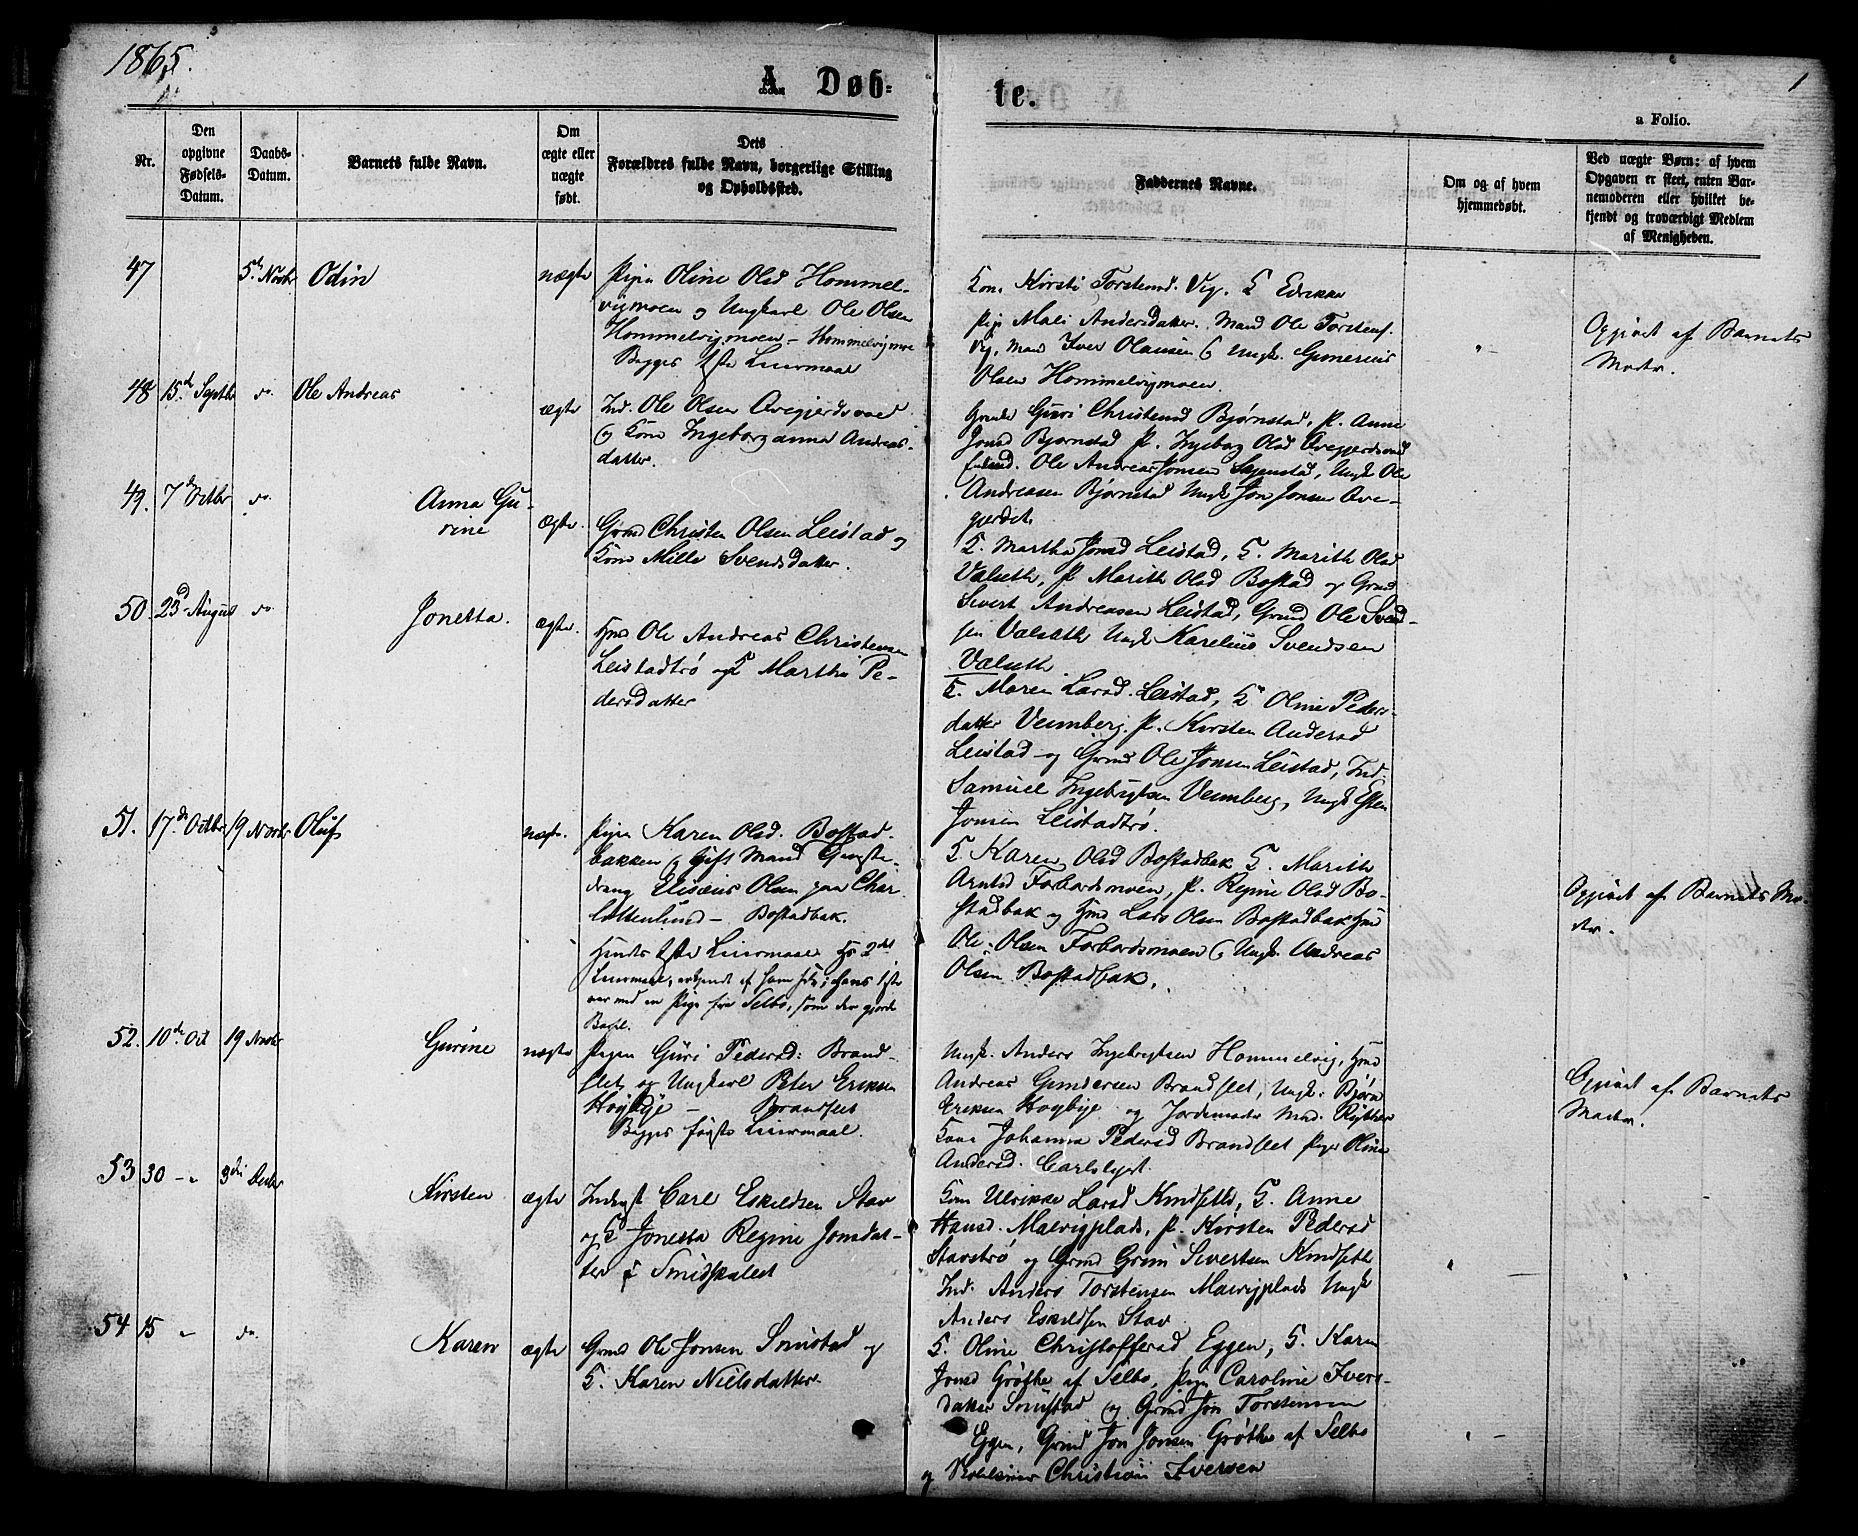 SAT, Ministerialprotokoller, klokkerbøker og fødselsregistre - Sør-Trøndelag, 616/L0409: Ministerialbok nr. 616A06, 1865-1877, s. 1